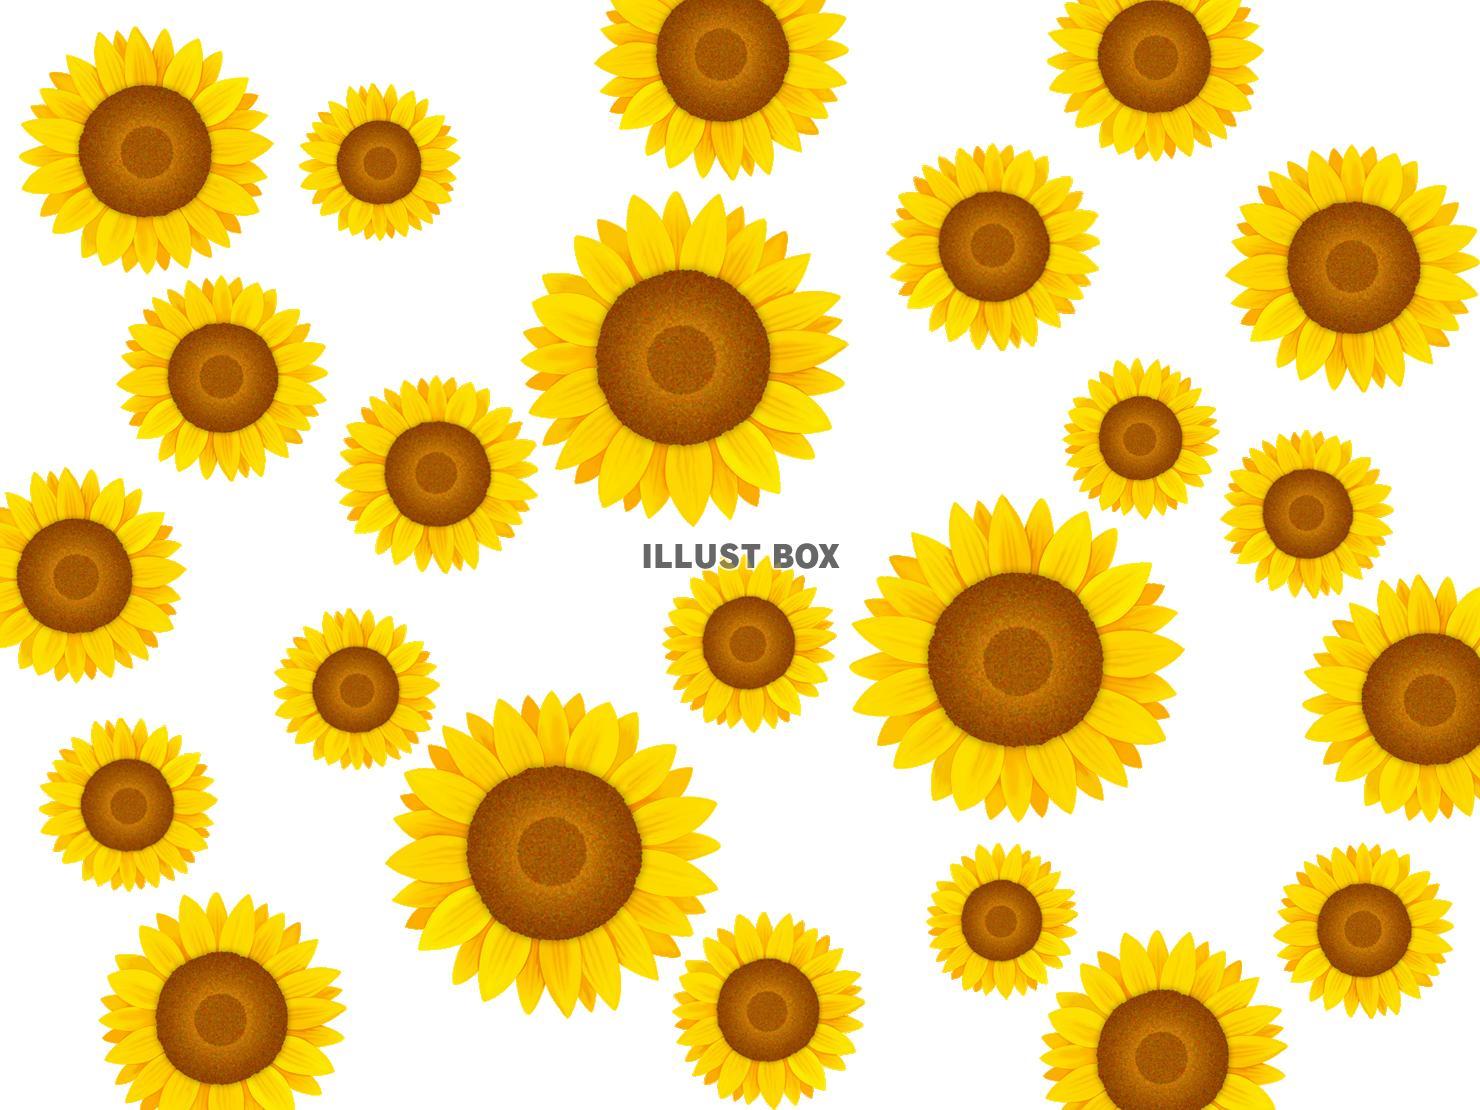 無料イラスト ひまわりの壁紙 向日葵の背景素材イラスト 透過png